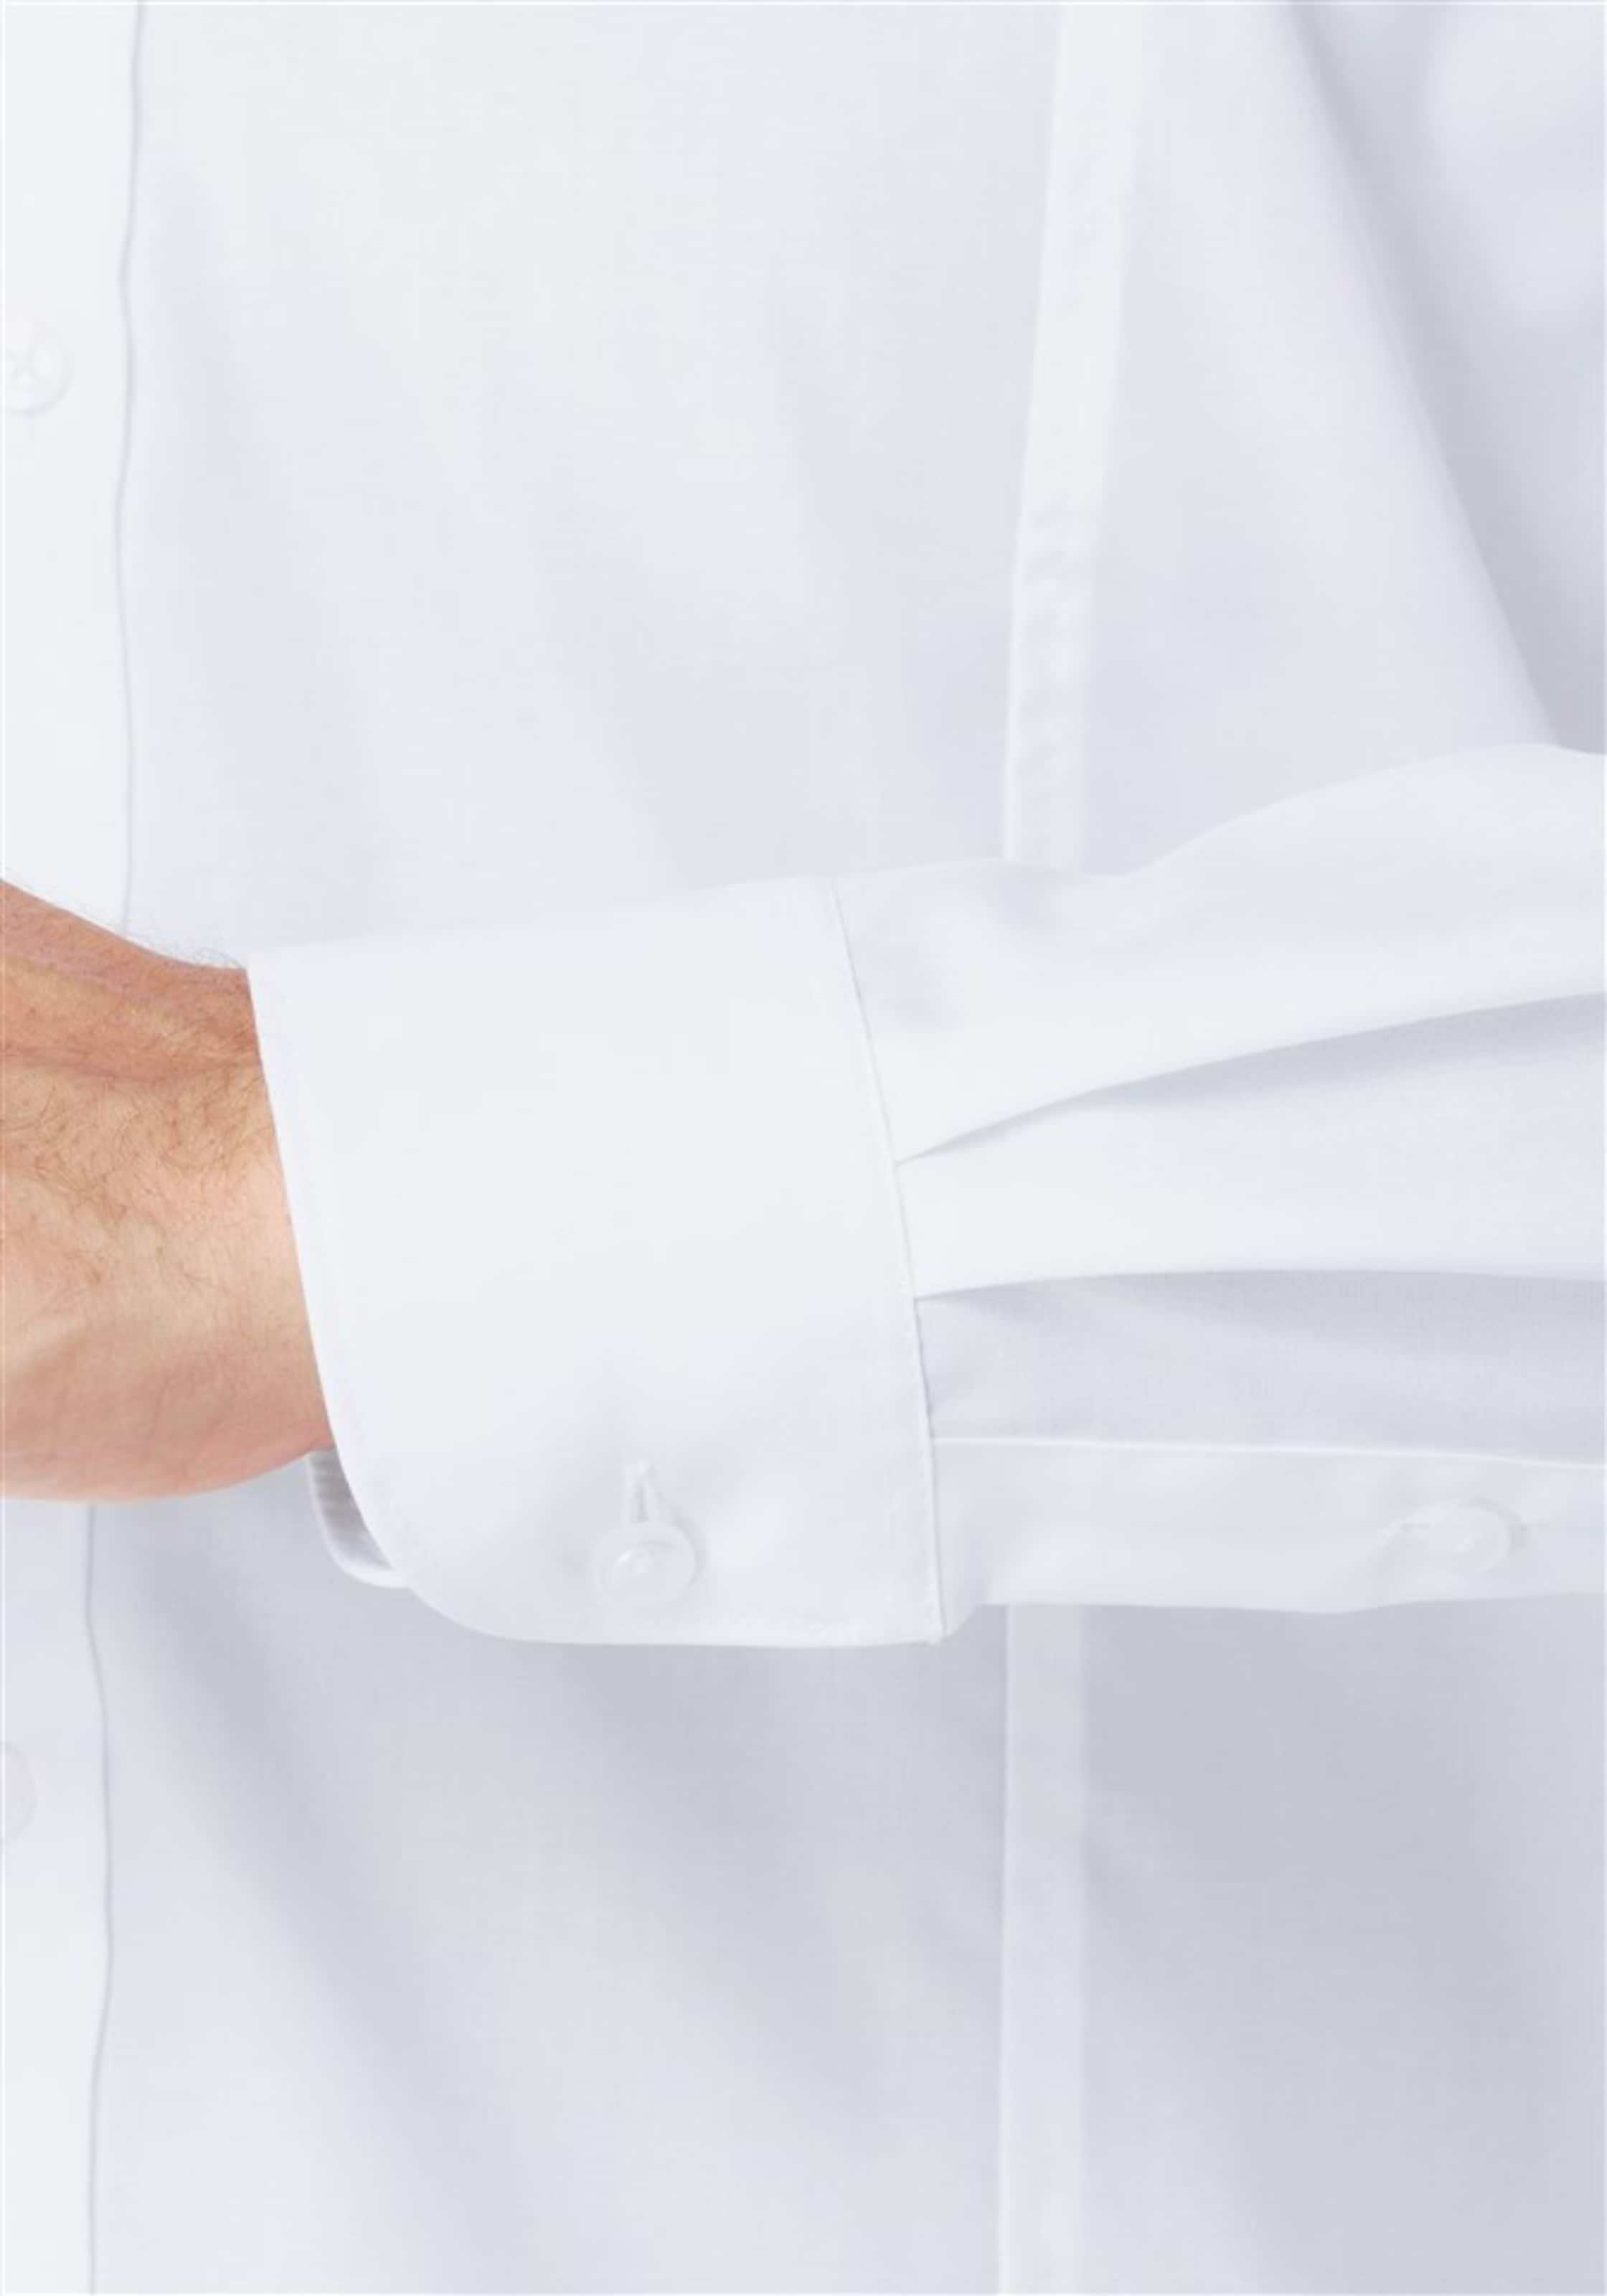 BRUNO BANANI Businesshemd Rabatt Hohe Qualität Freies Verschiffen Sast Vorbestellung Für Verkauf Billigpreisnachlass Authentisch Strapazierfähiges SNtY3E1y